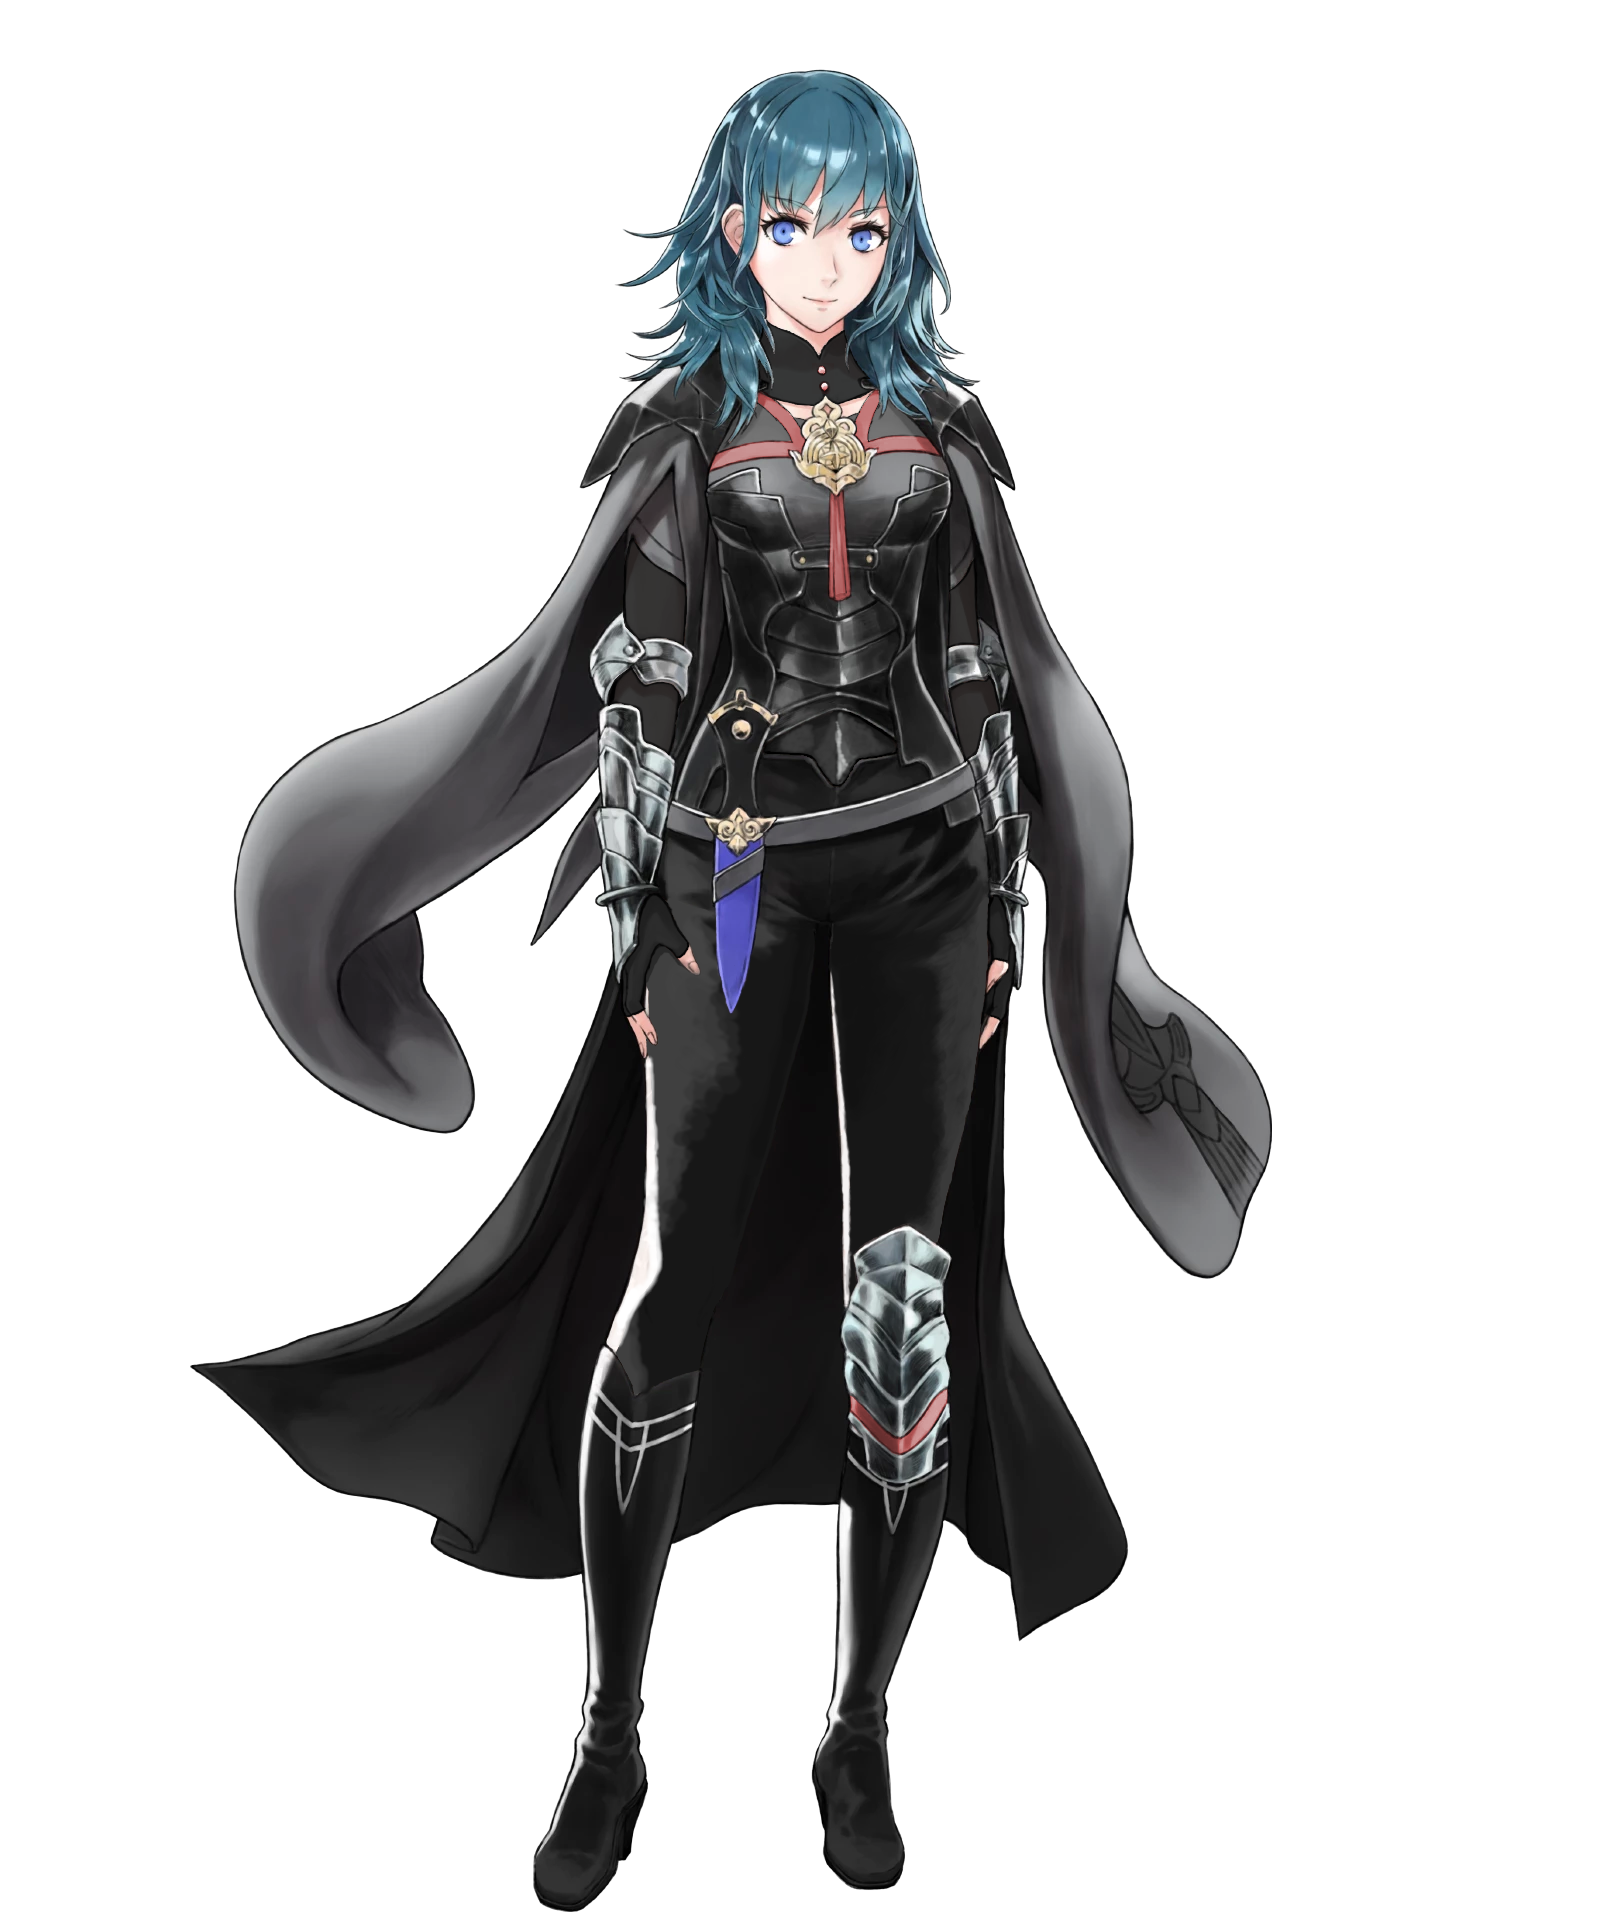 byleth (fire emblem) (female)